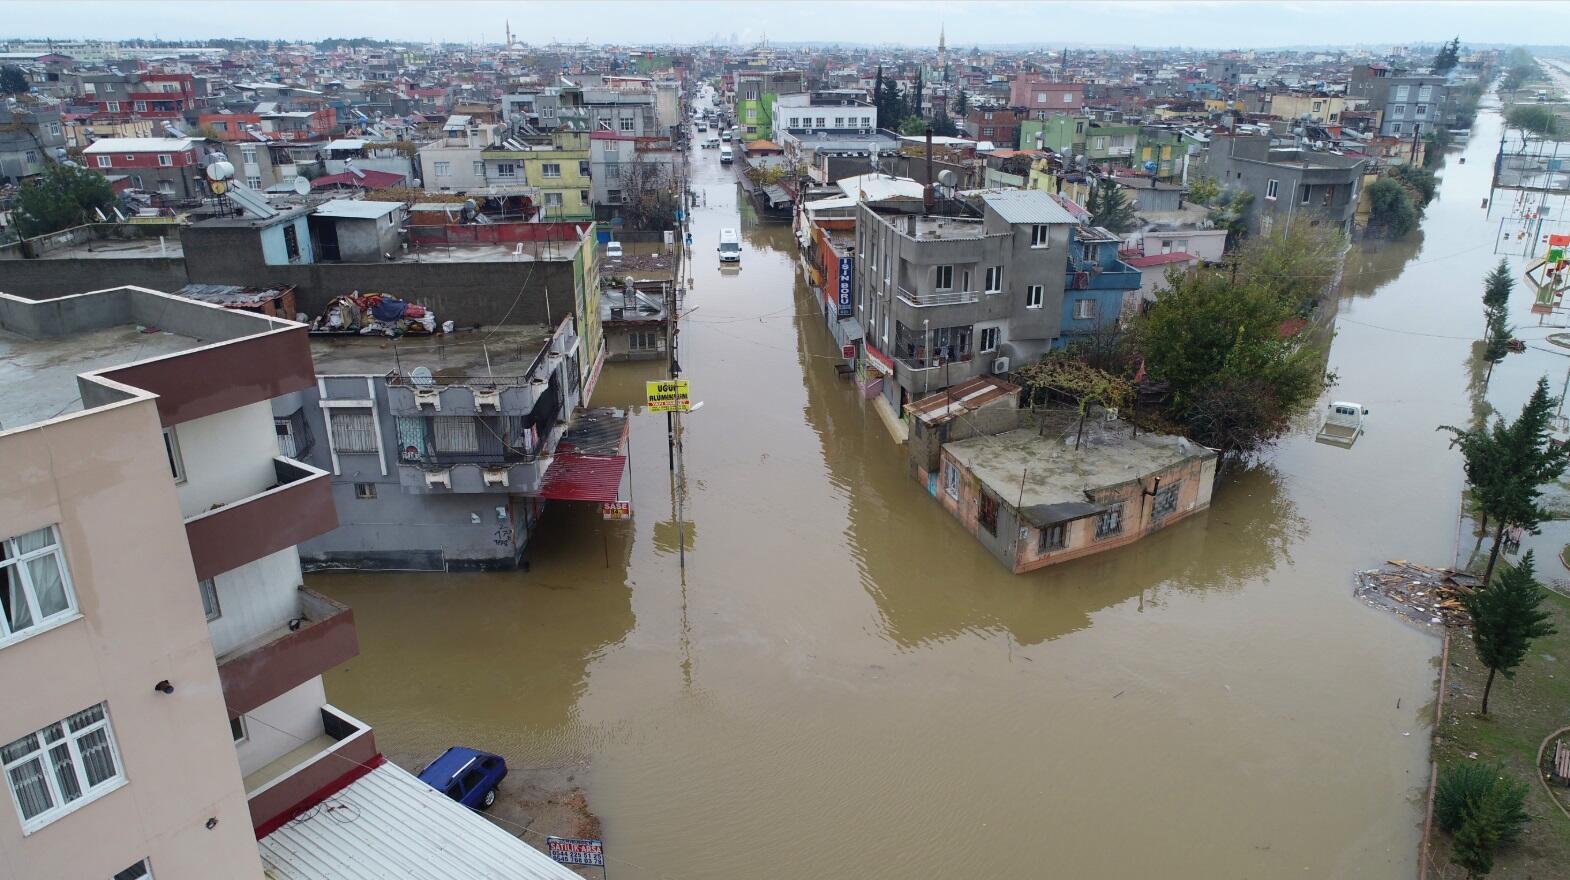 على إثر الفيضانات التى شهدتها تركيا: الأمين العام للاتحاد يعرب عن تضامنه مع تركيا